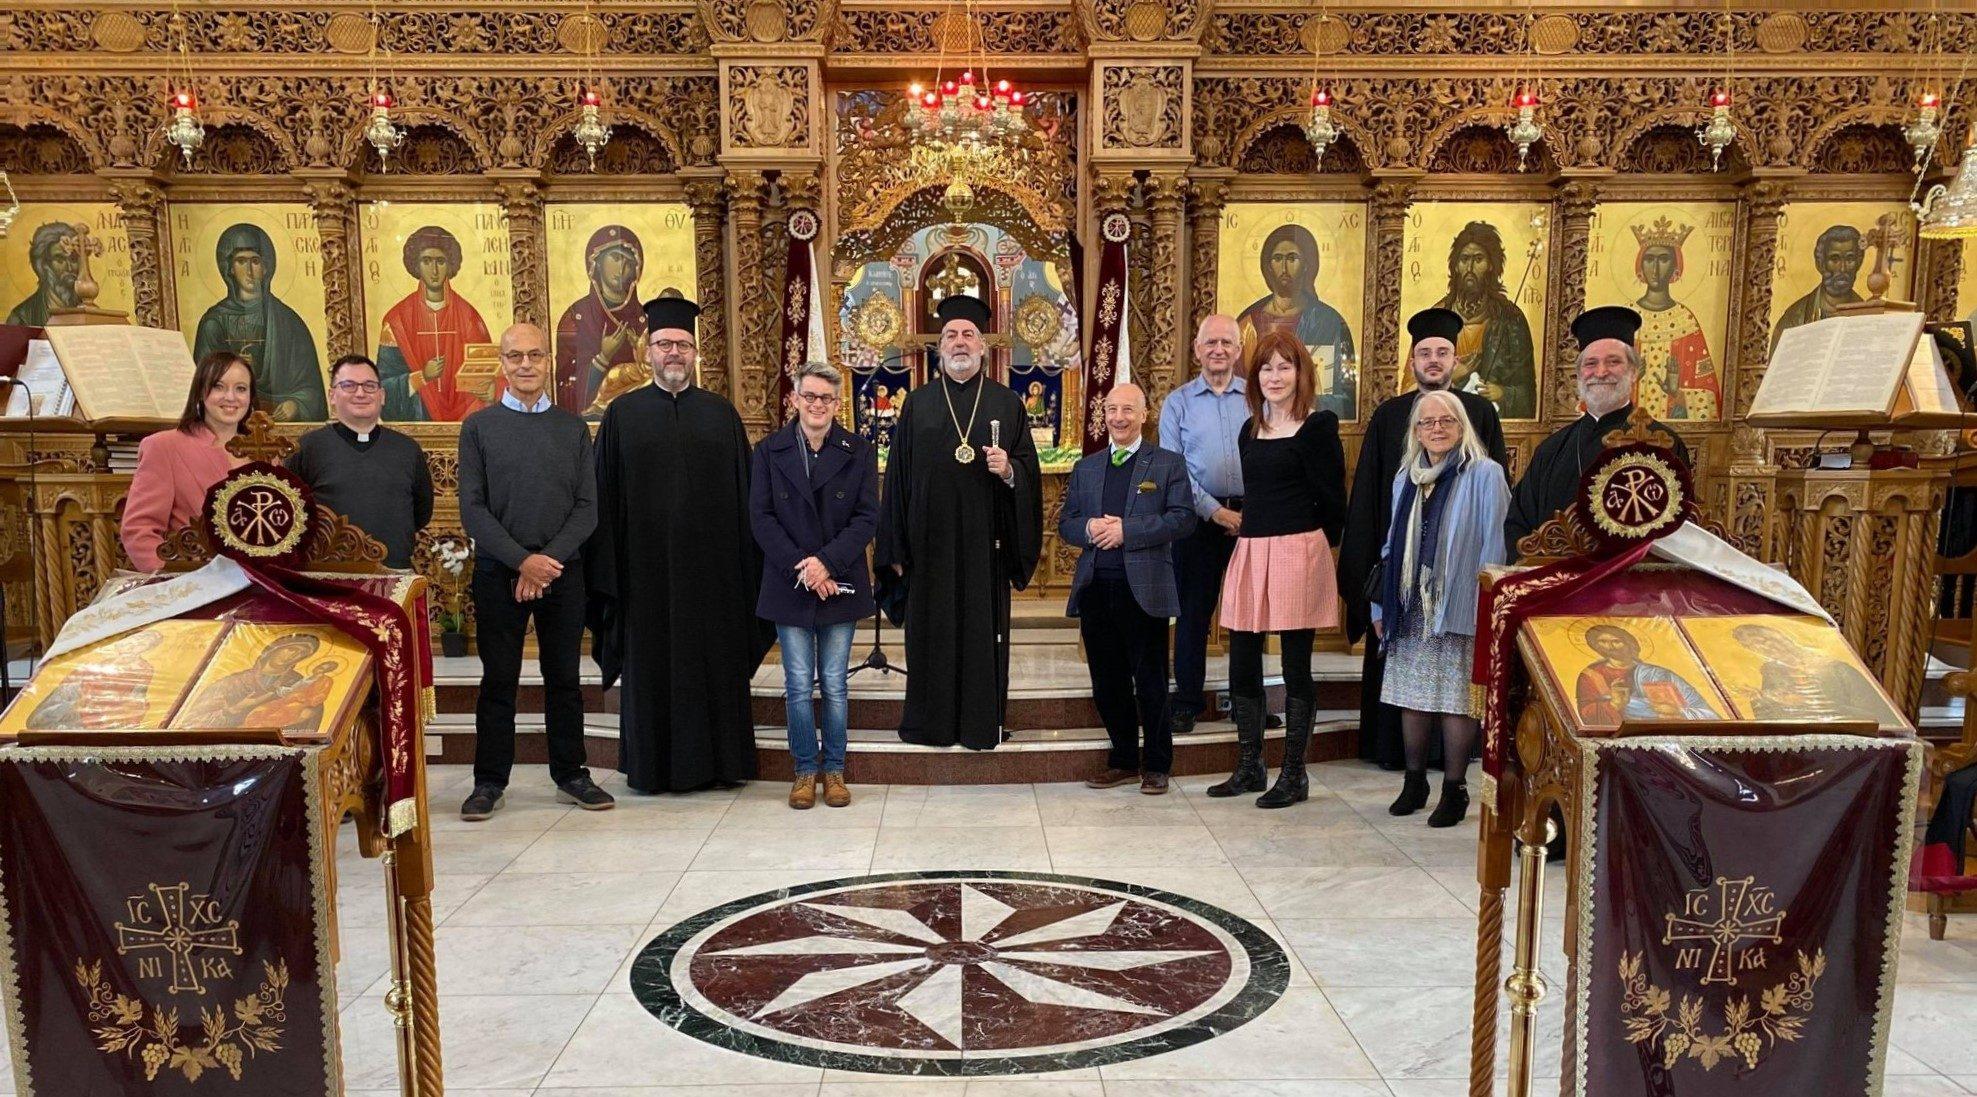 Ο Αρχιεπίσκοπος Νικήτας με την Επιτροπή Ευαγγελισμού του Churches Together in England